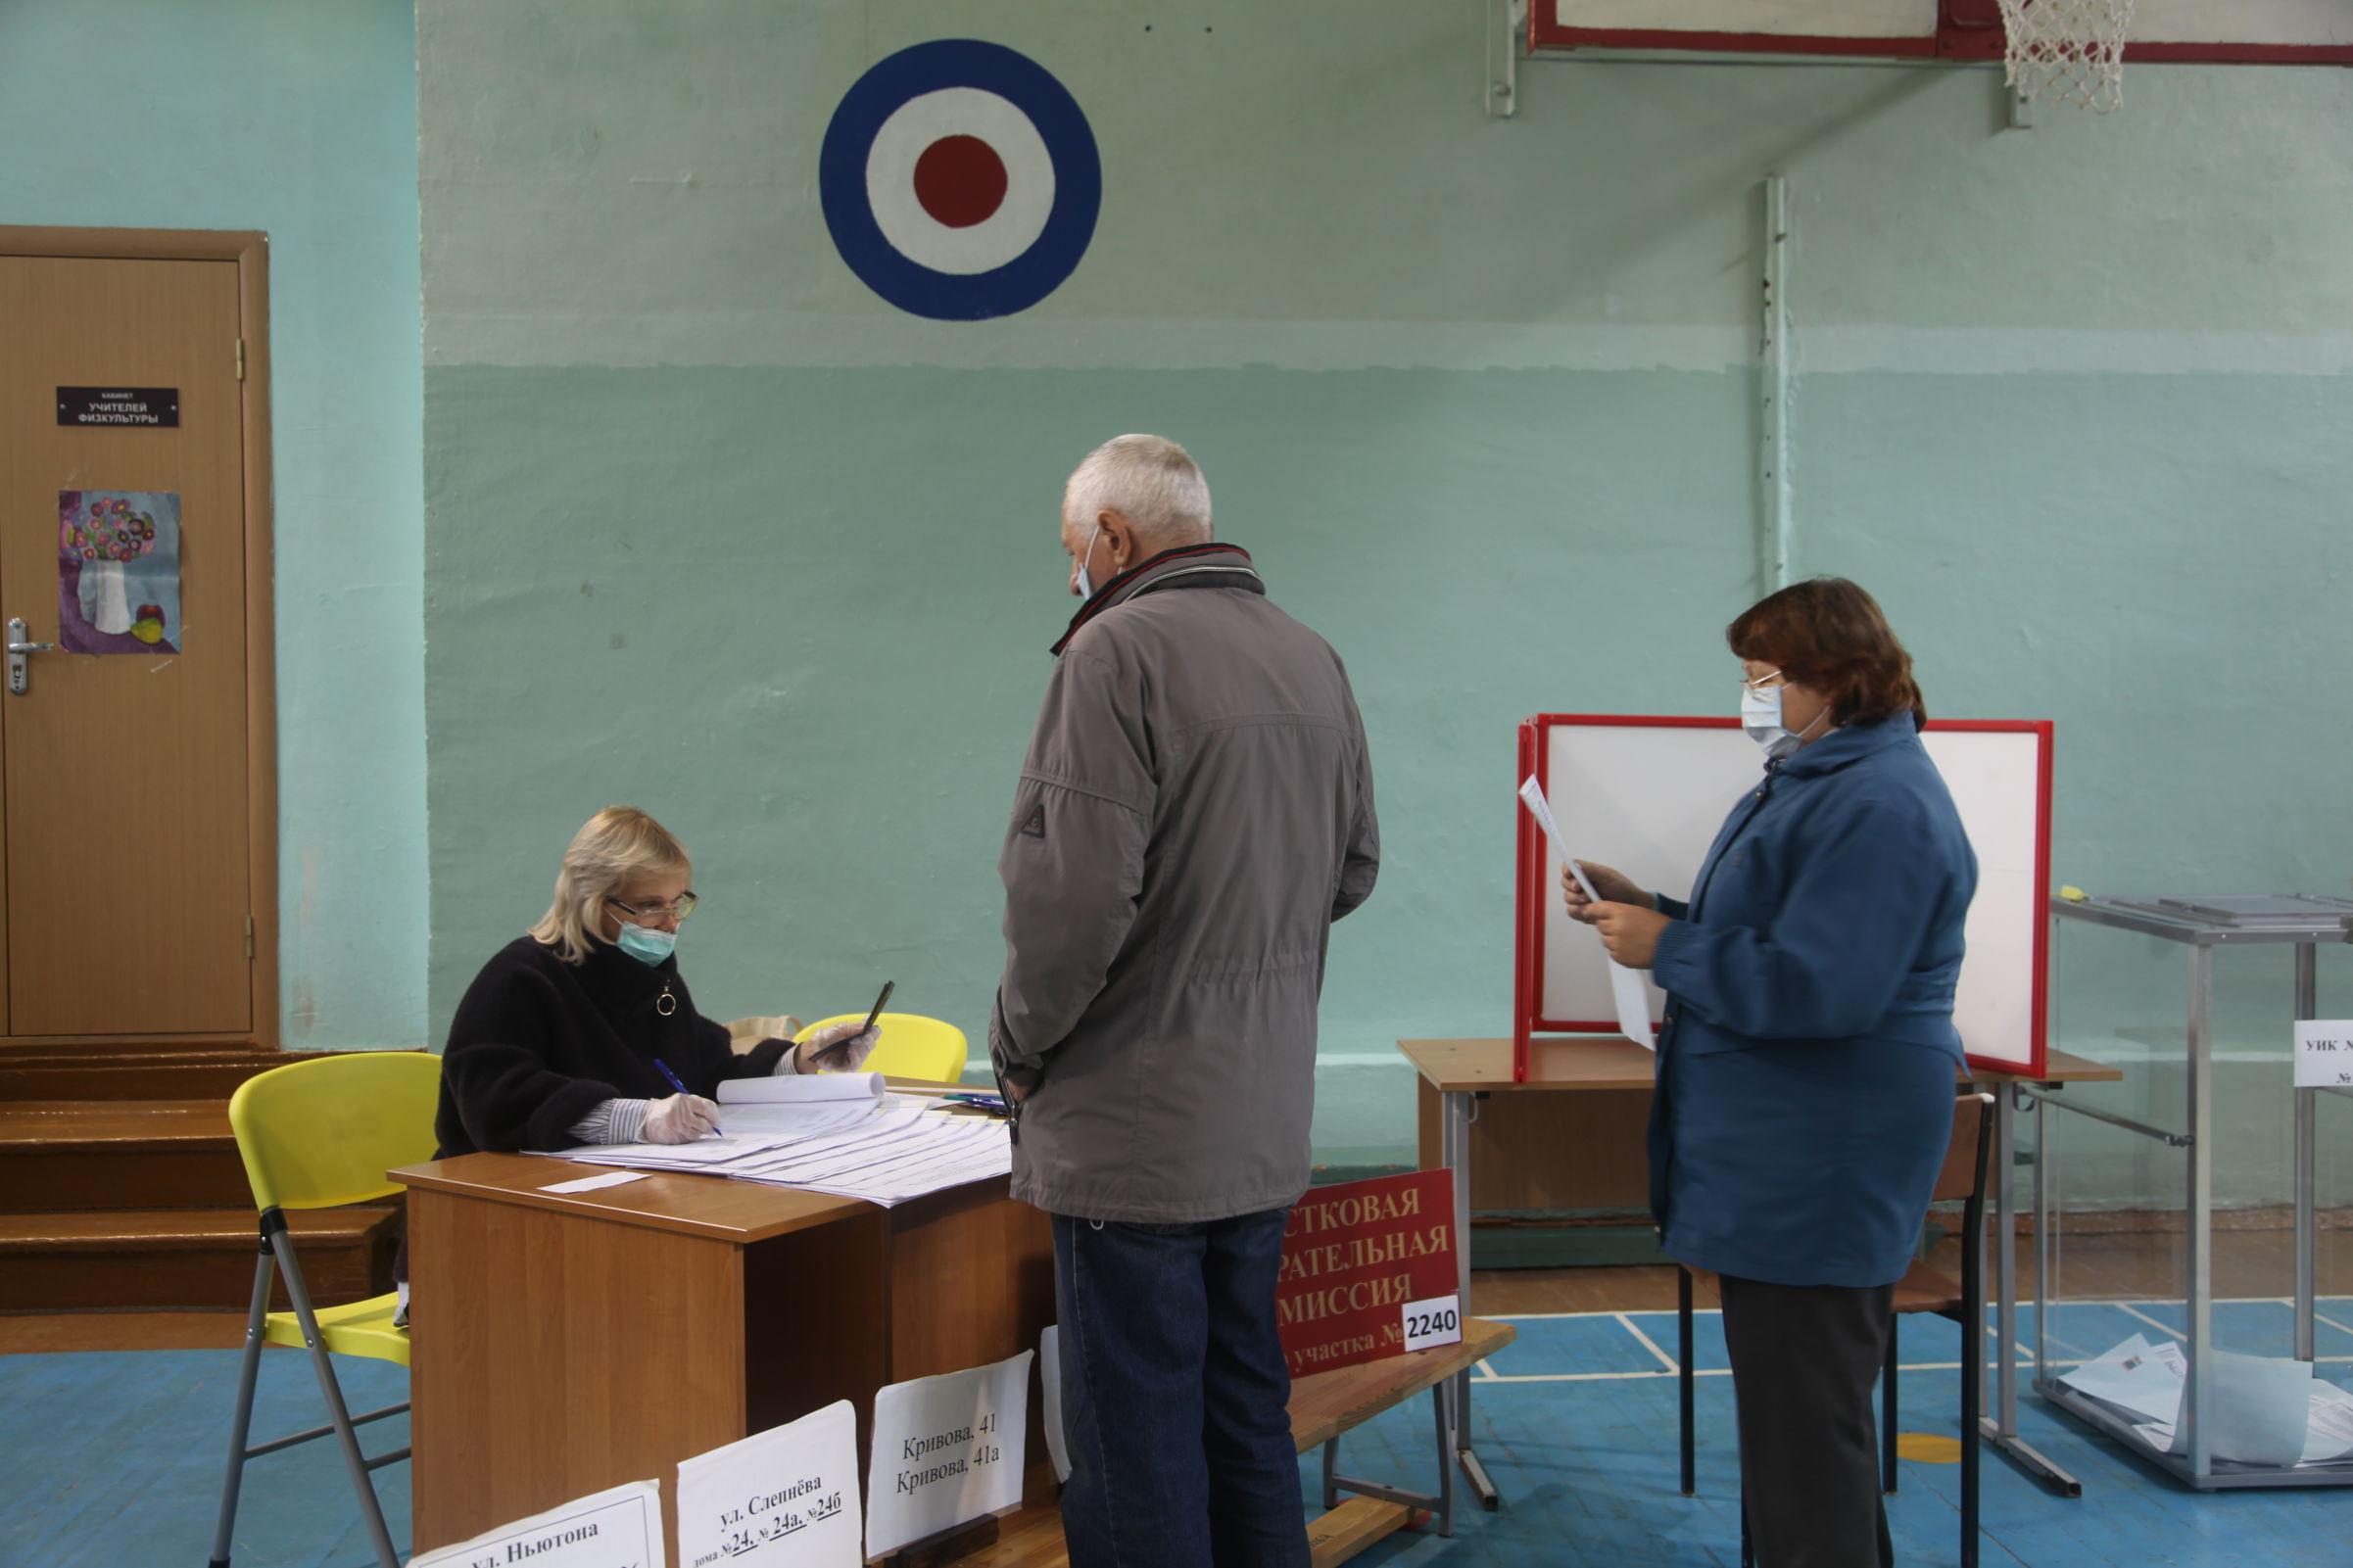 В Ярославской области открылись четыре сотни избирательных участков в рамках довыборов в Госдуму